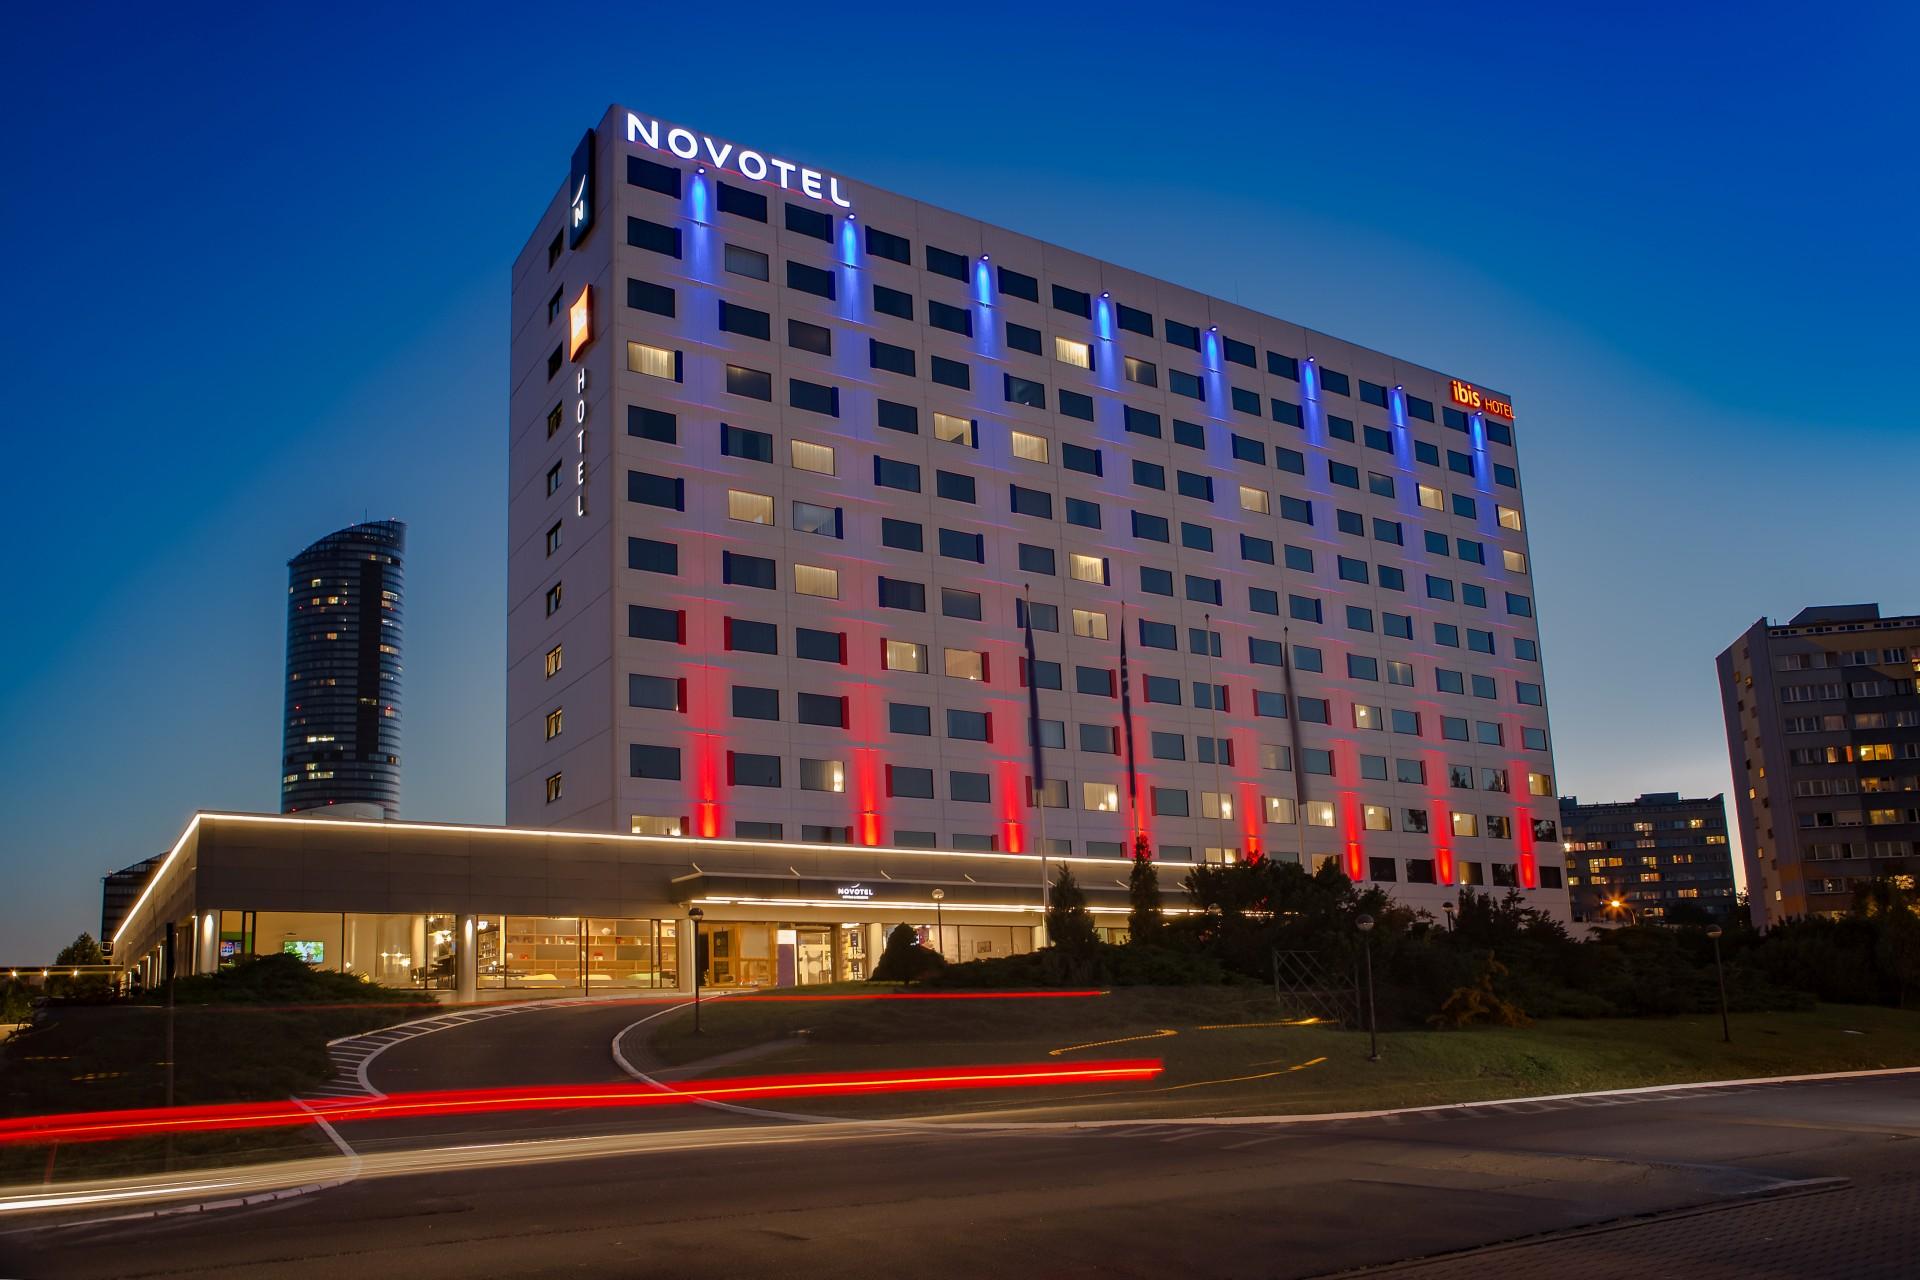 Novotel Wrocław Hotel